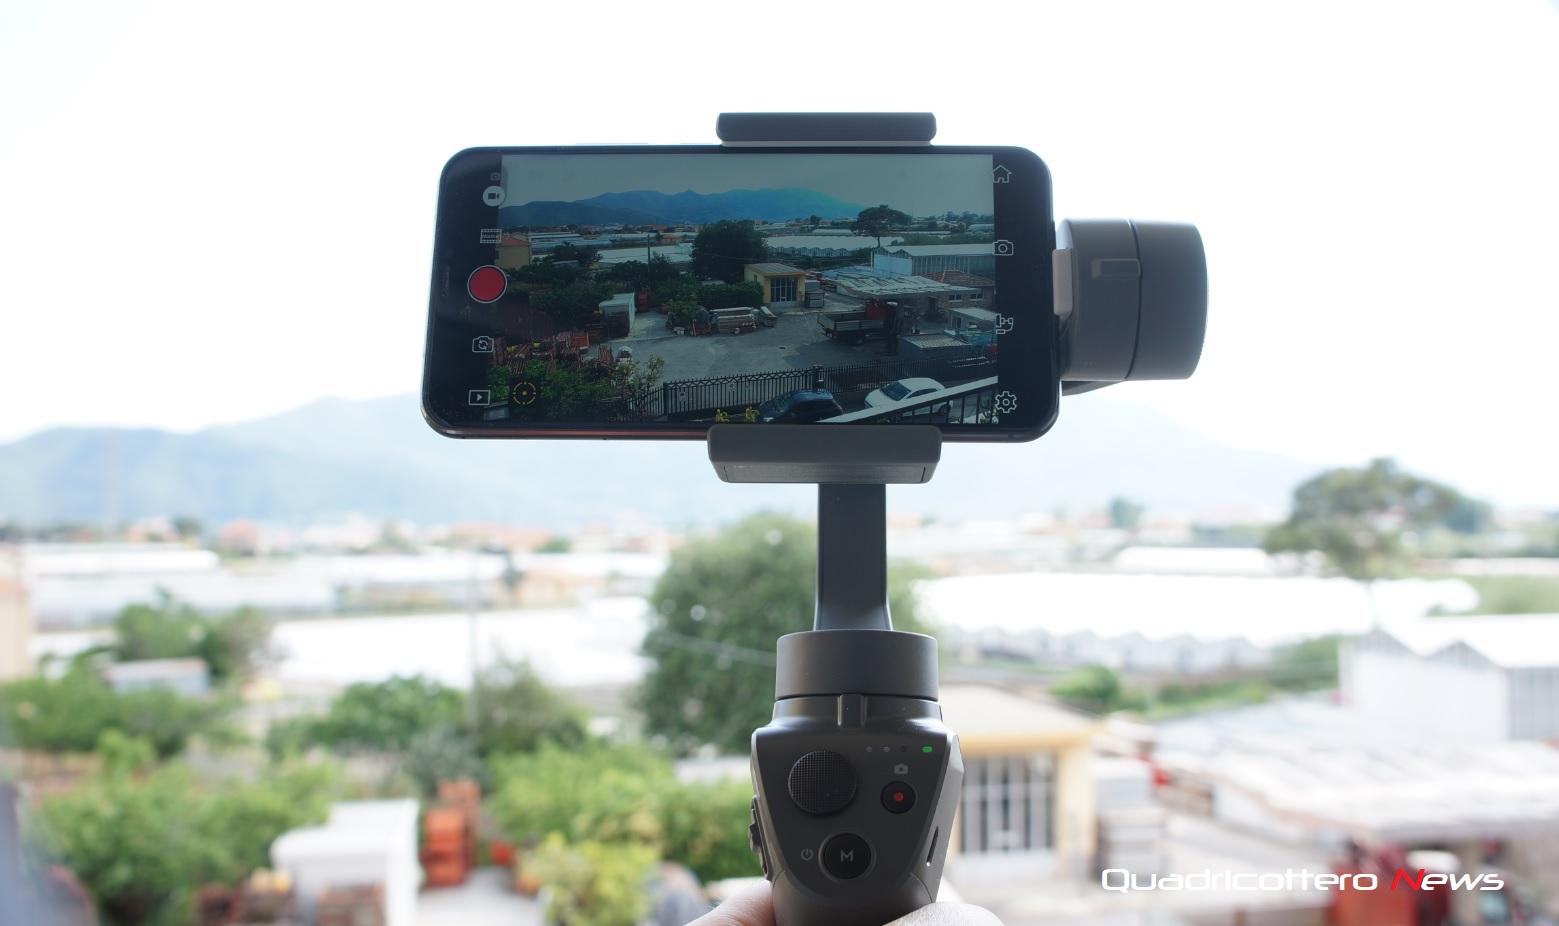 DJI Osmo Mobile 2, aggiornamento OSD sulla DJI GO e funziona anche